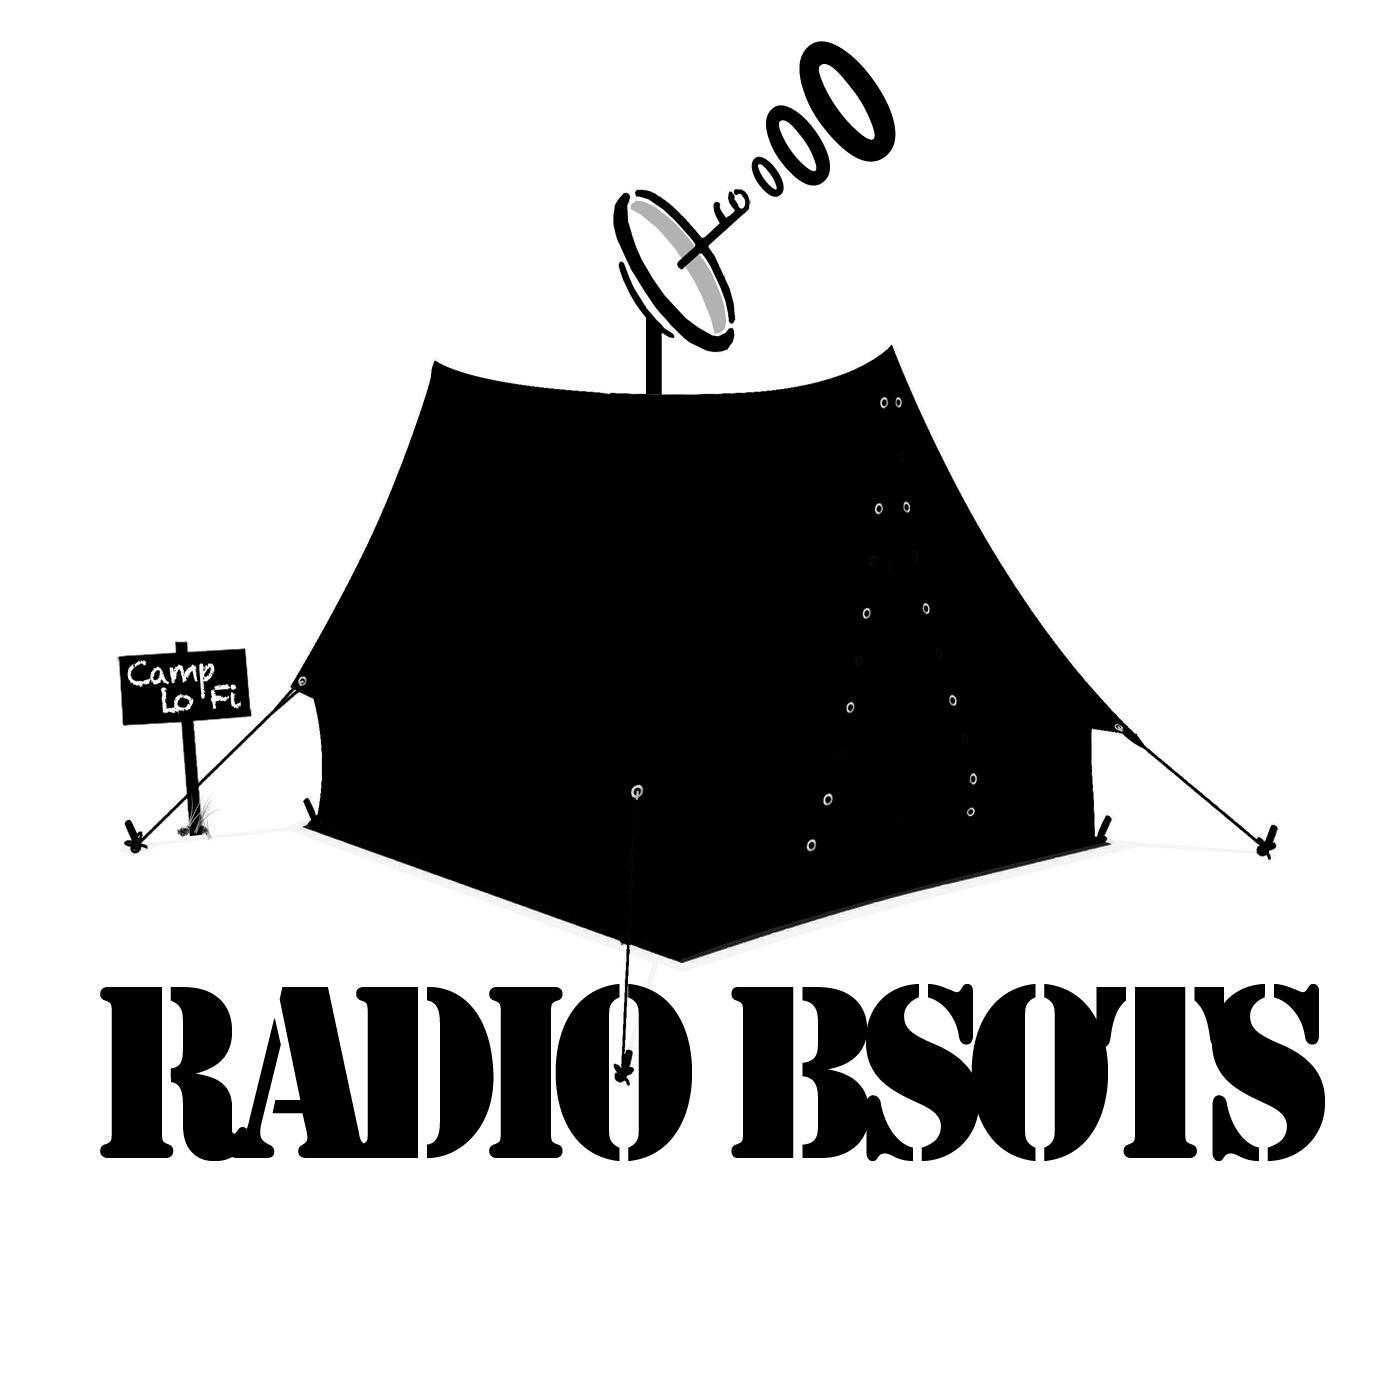 Radio BSOTS